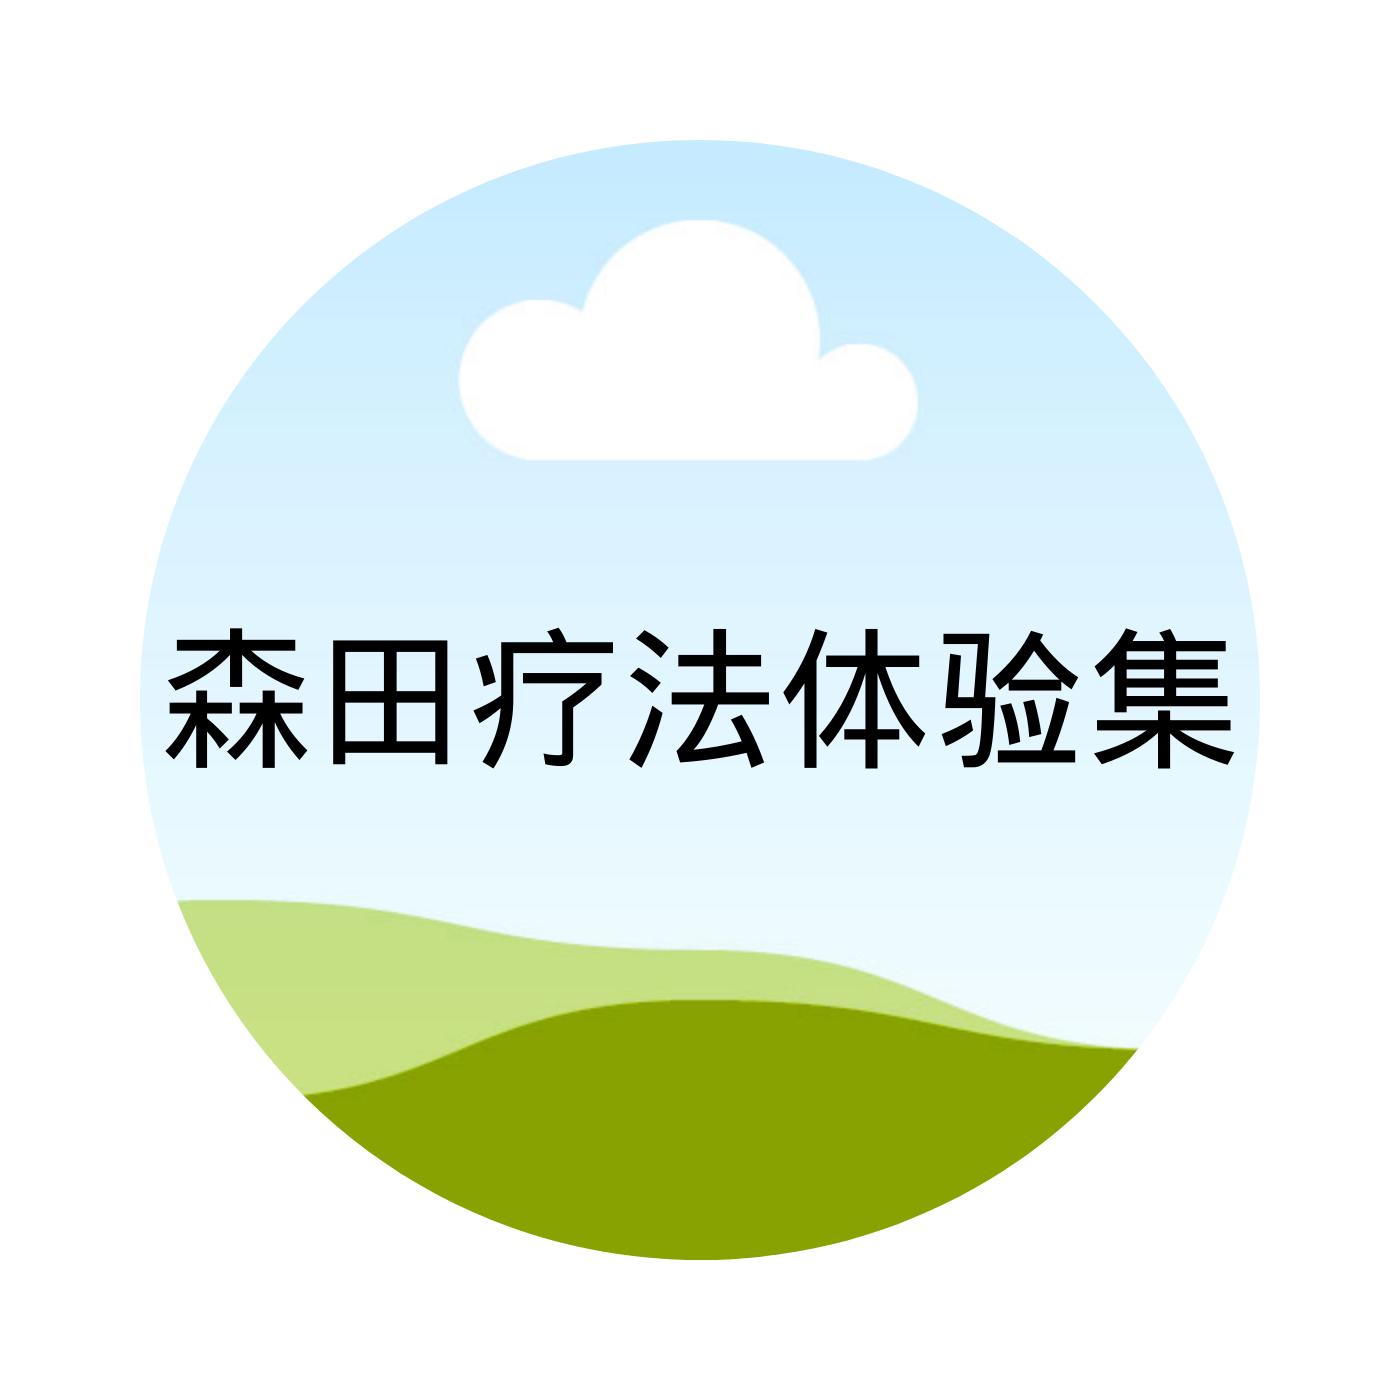 森田疗法体验集